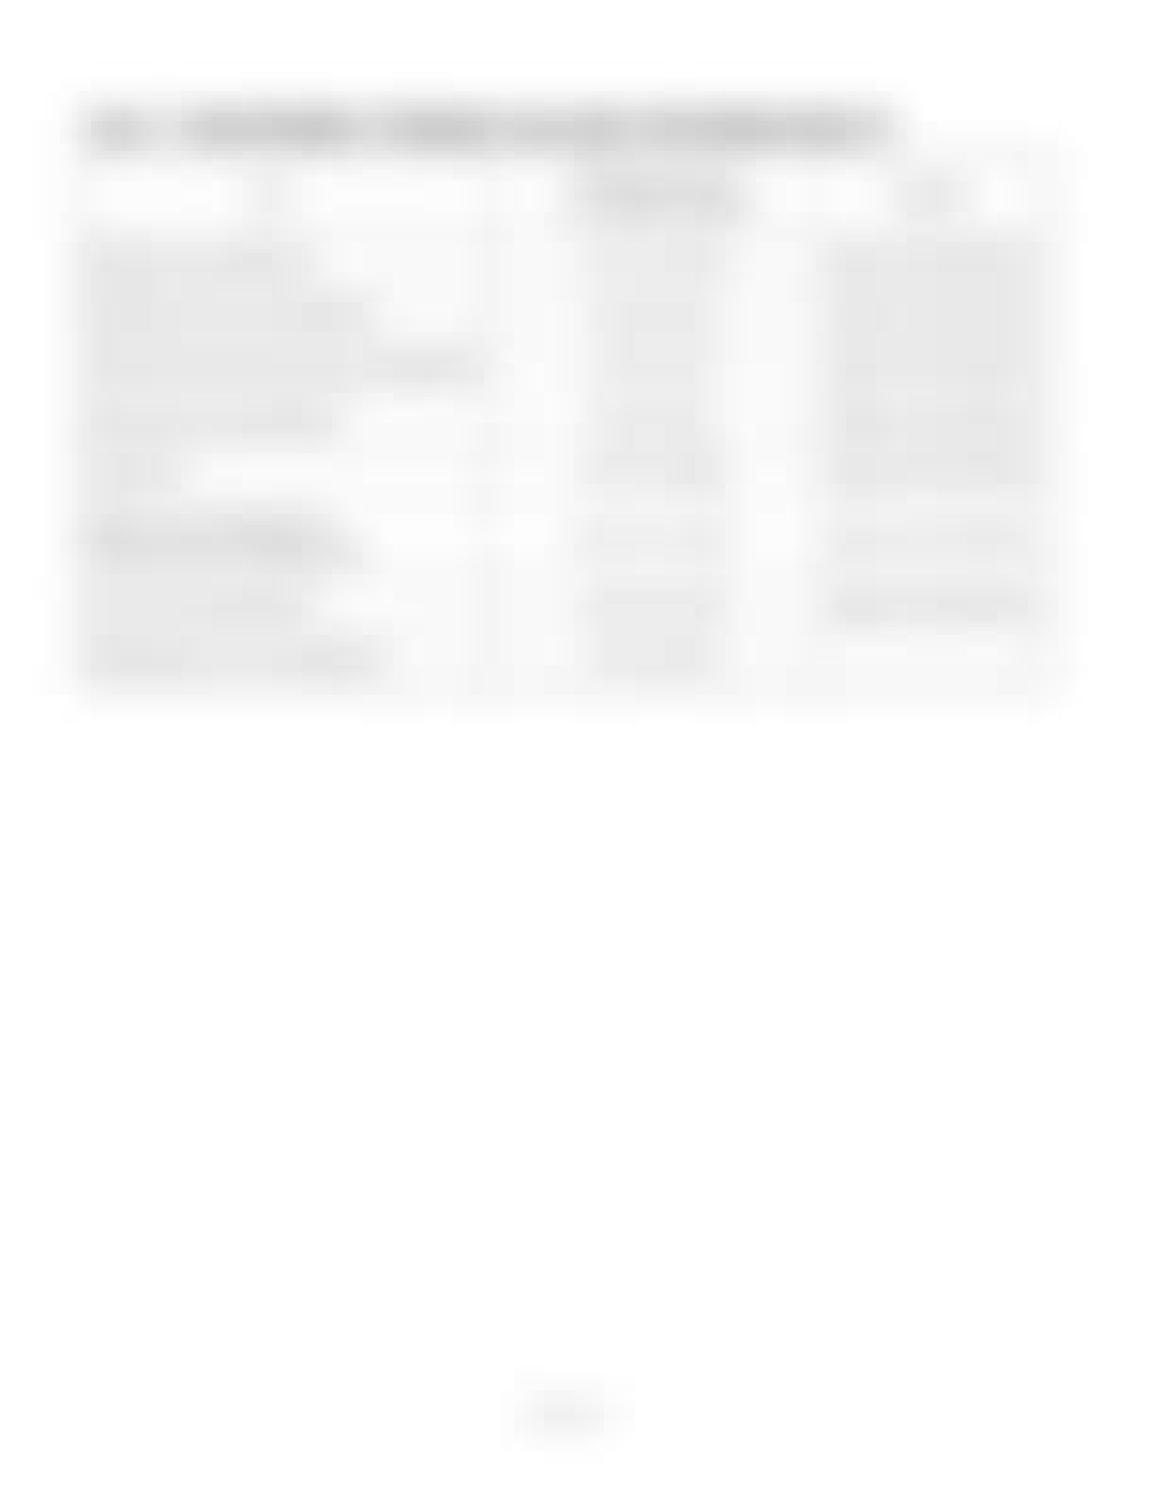 Hitachi LX110-7 LX130-7 LX160-7 LX190-7 LX230-7 Wheel Loader Workshop Manual - PDF DOWNLOAD page 186